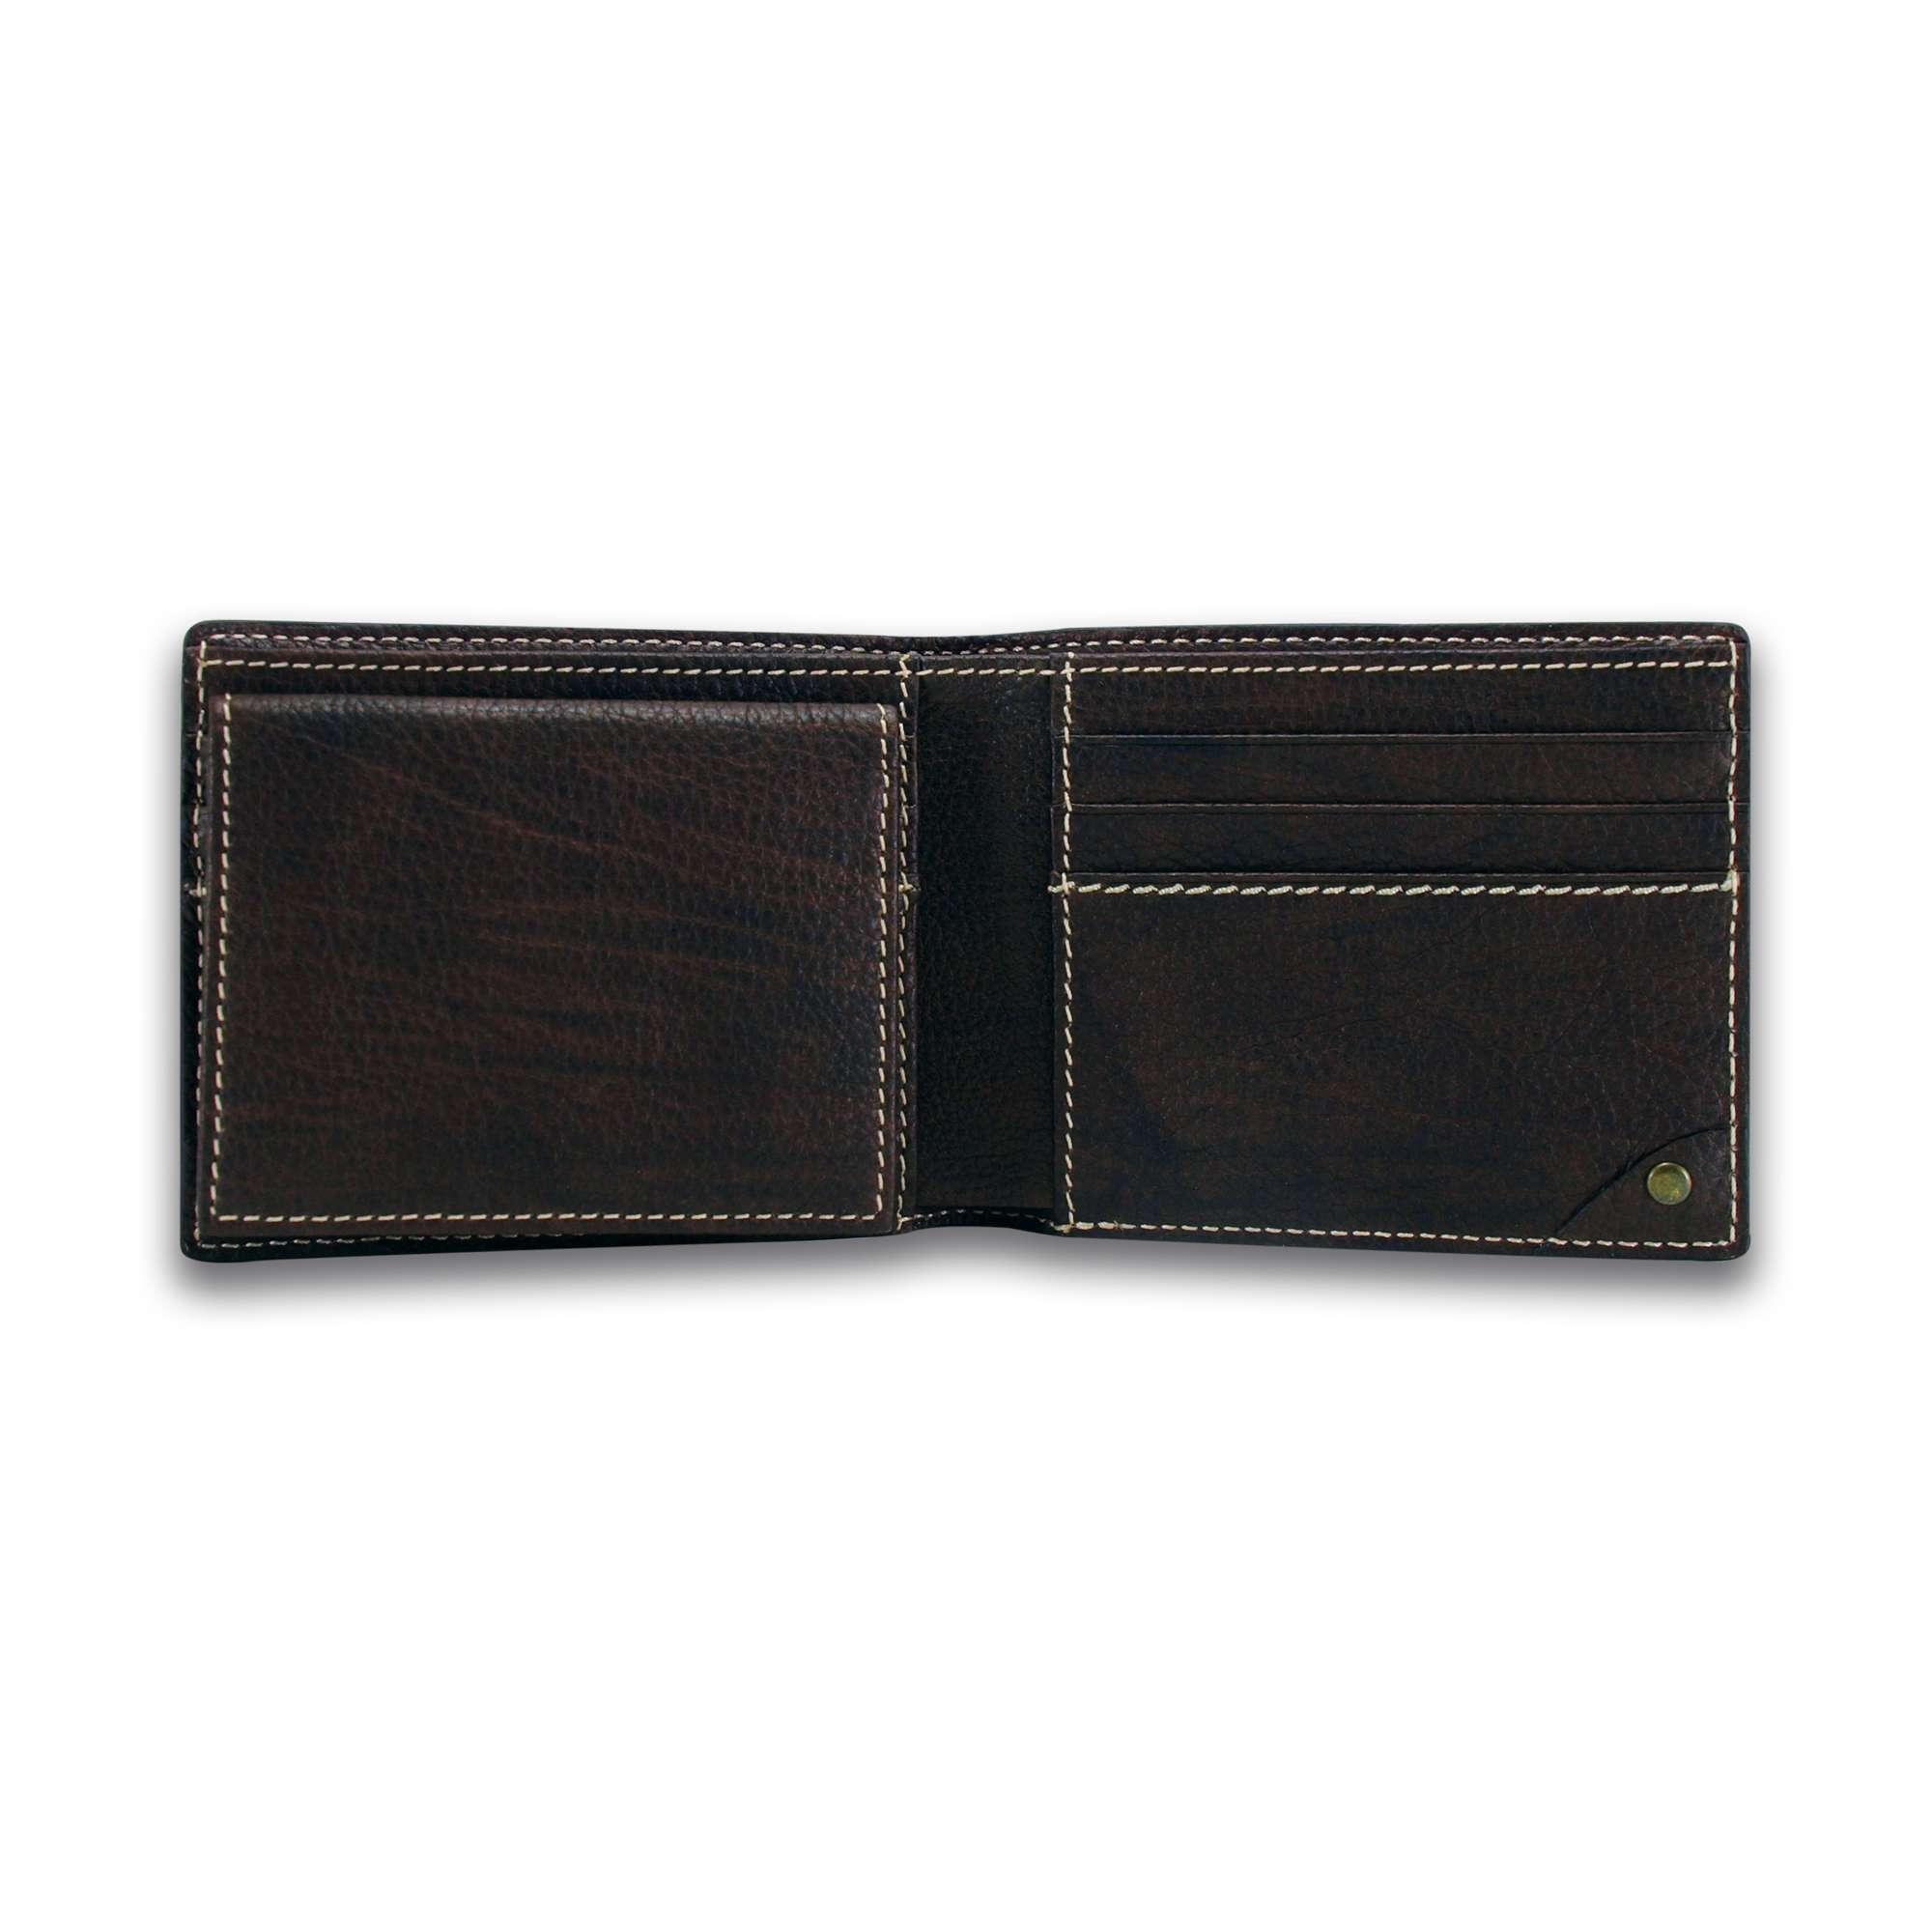 Carhartt Passcase Wallet